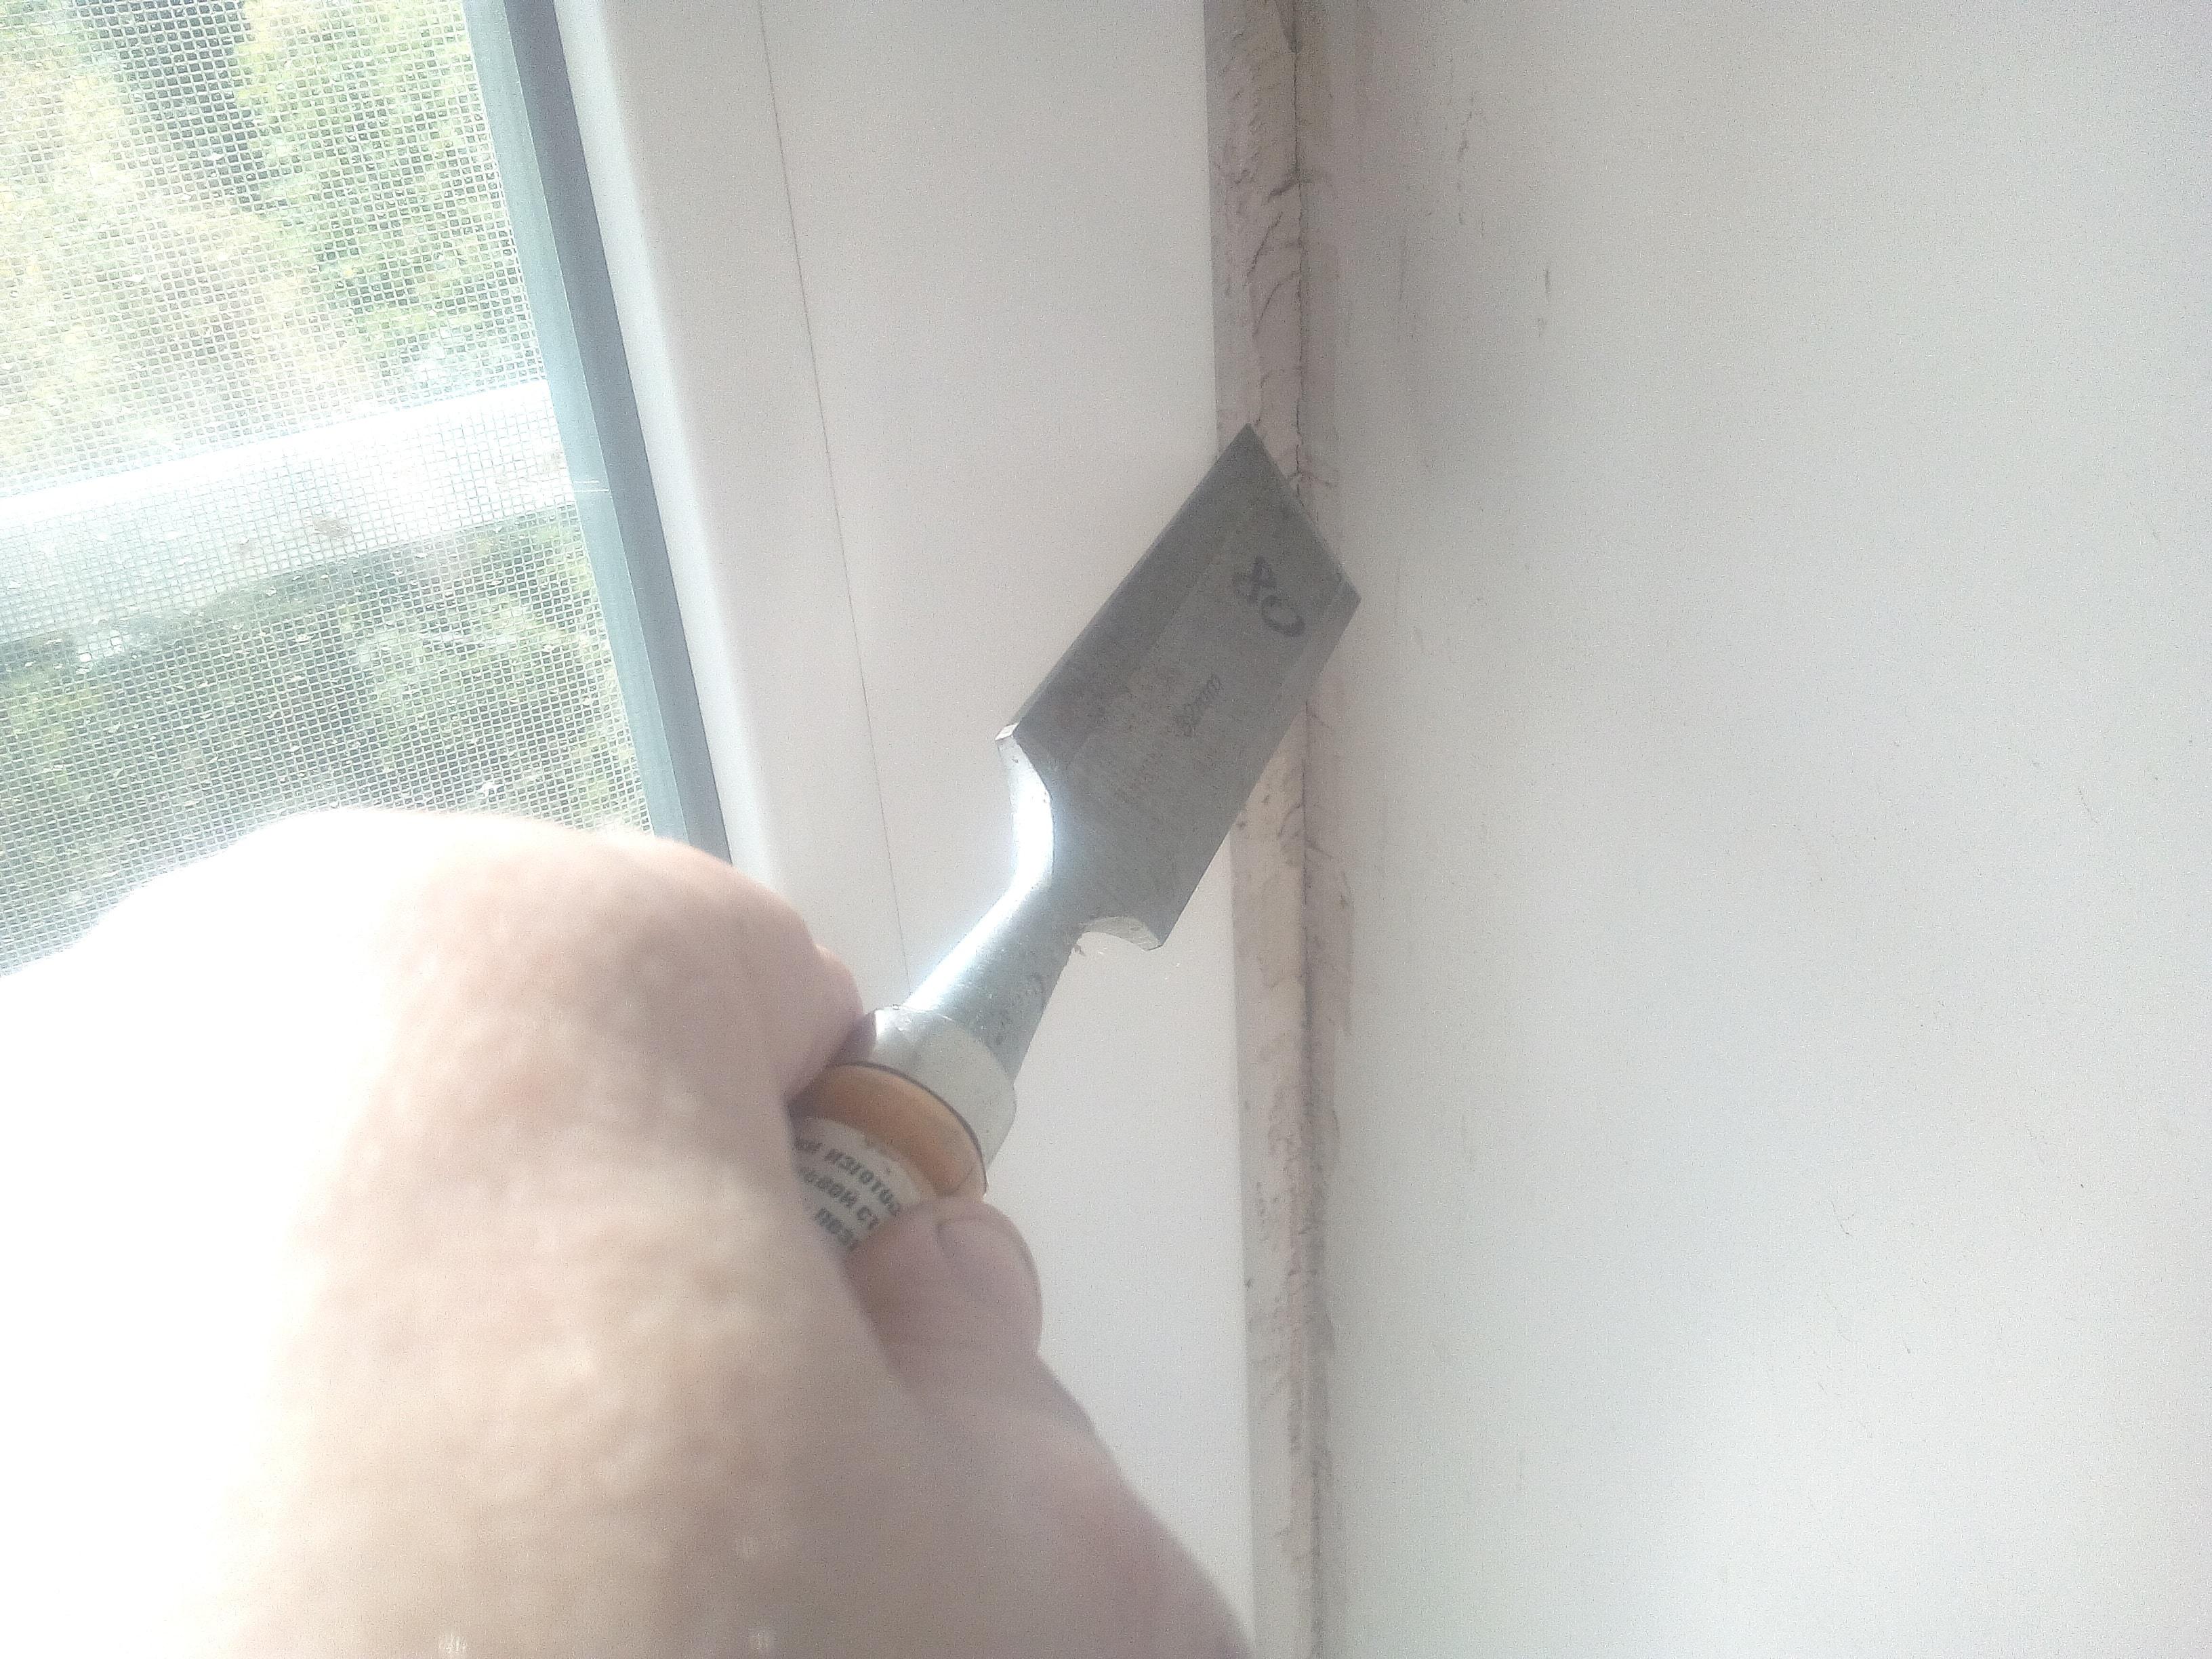 Как отмыть окна после ремонта в квартире, Как-отмыть-окна-после-ремонта-в-квартире-очистка-стамеской.jpg